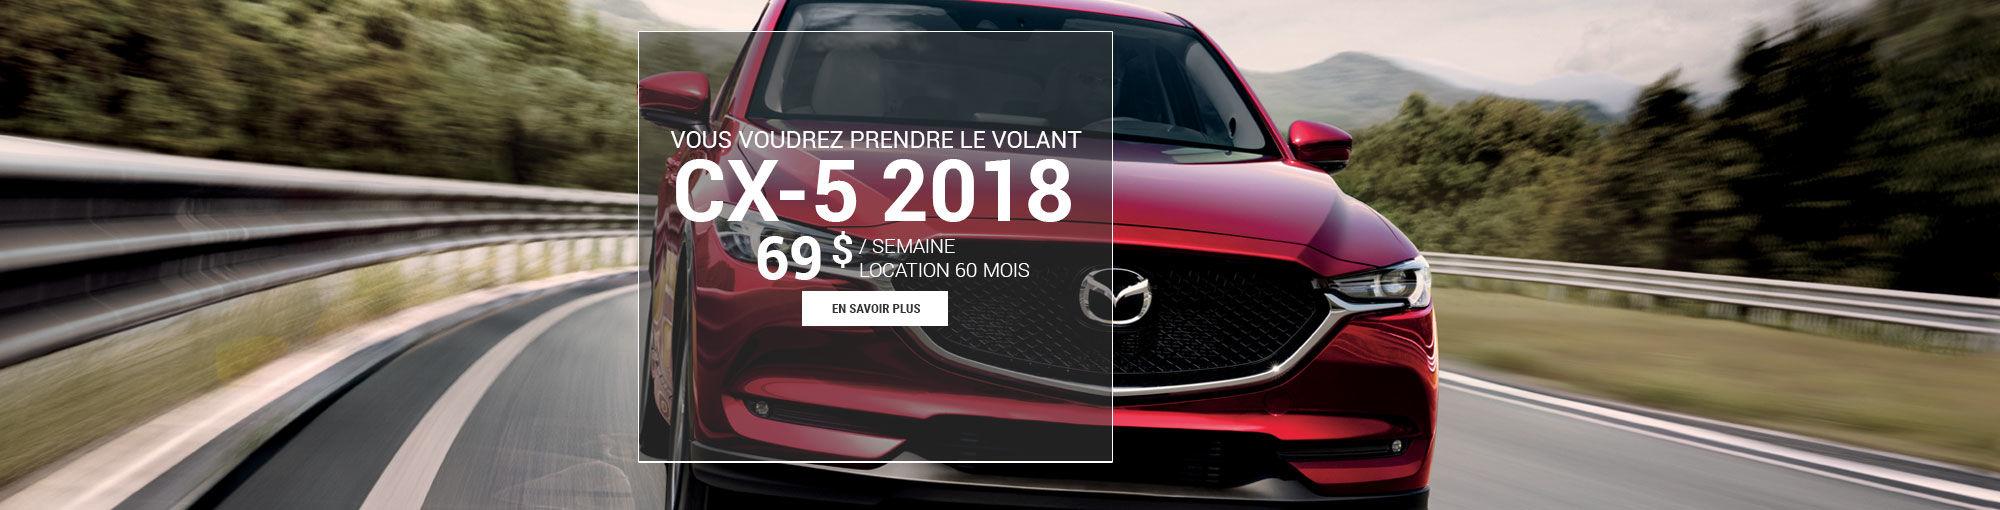 CX5 2018 - septembre